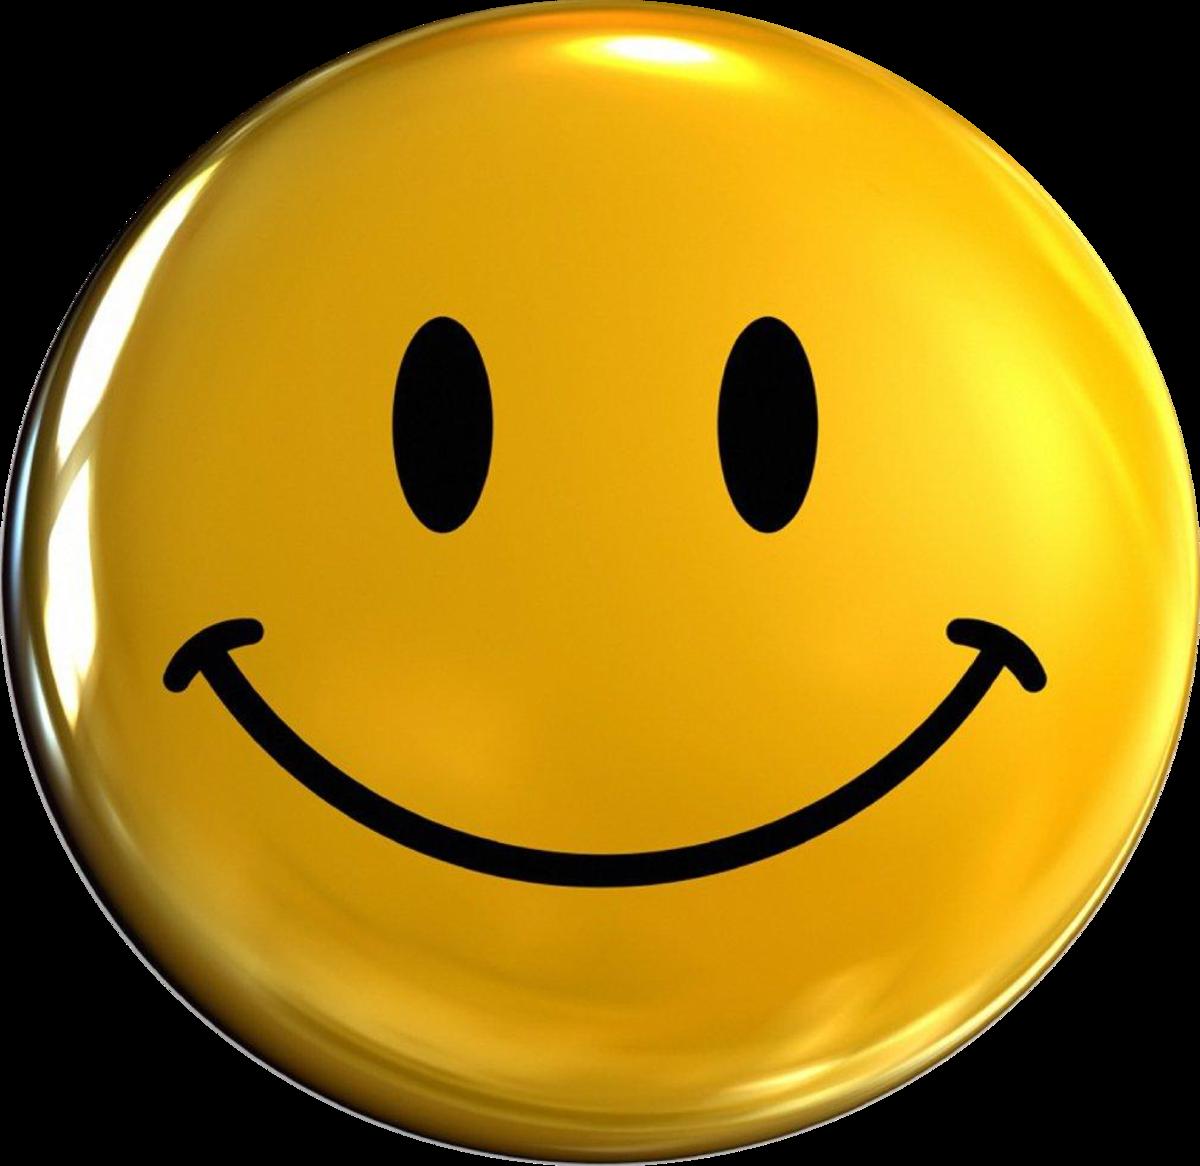 Картинка улыбочка смайлик